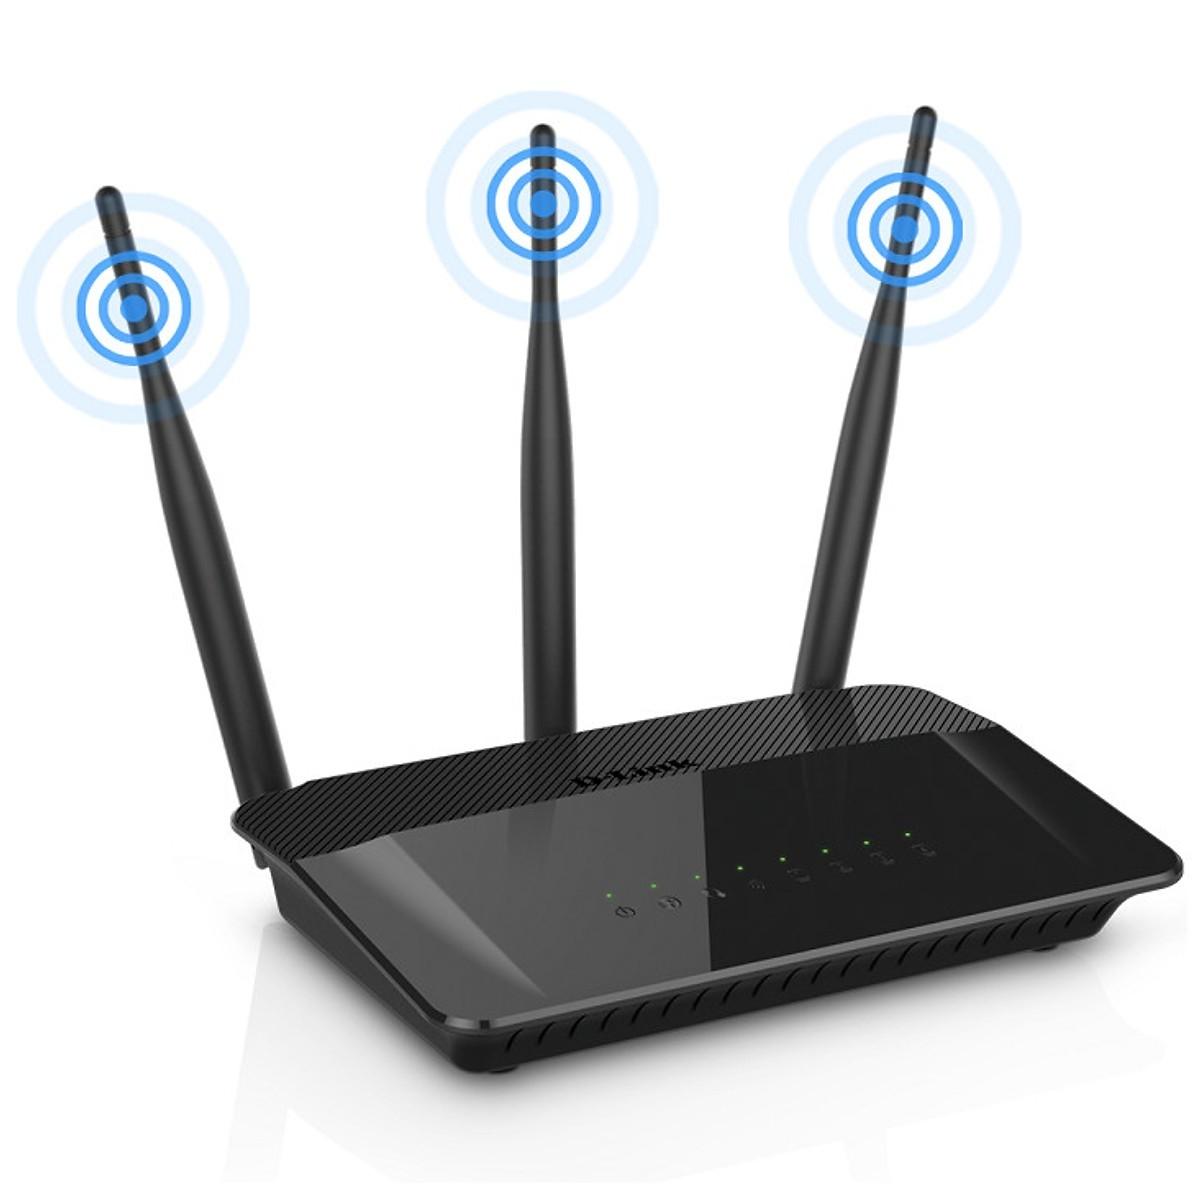 Bộ phát Wifi D-Link DIR-809 AC750